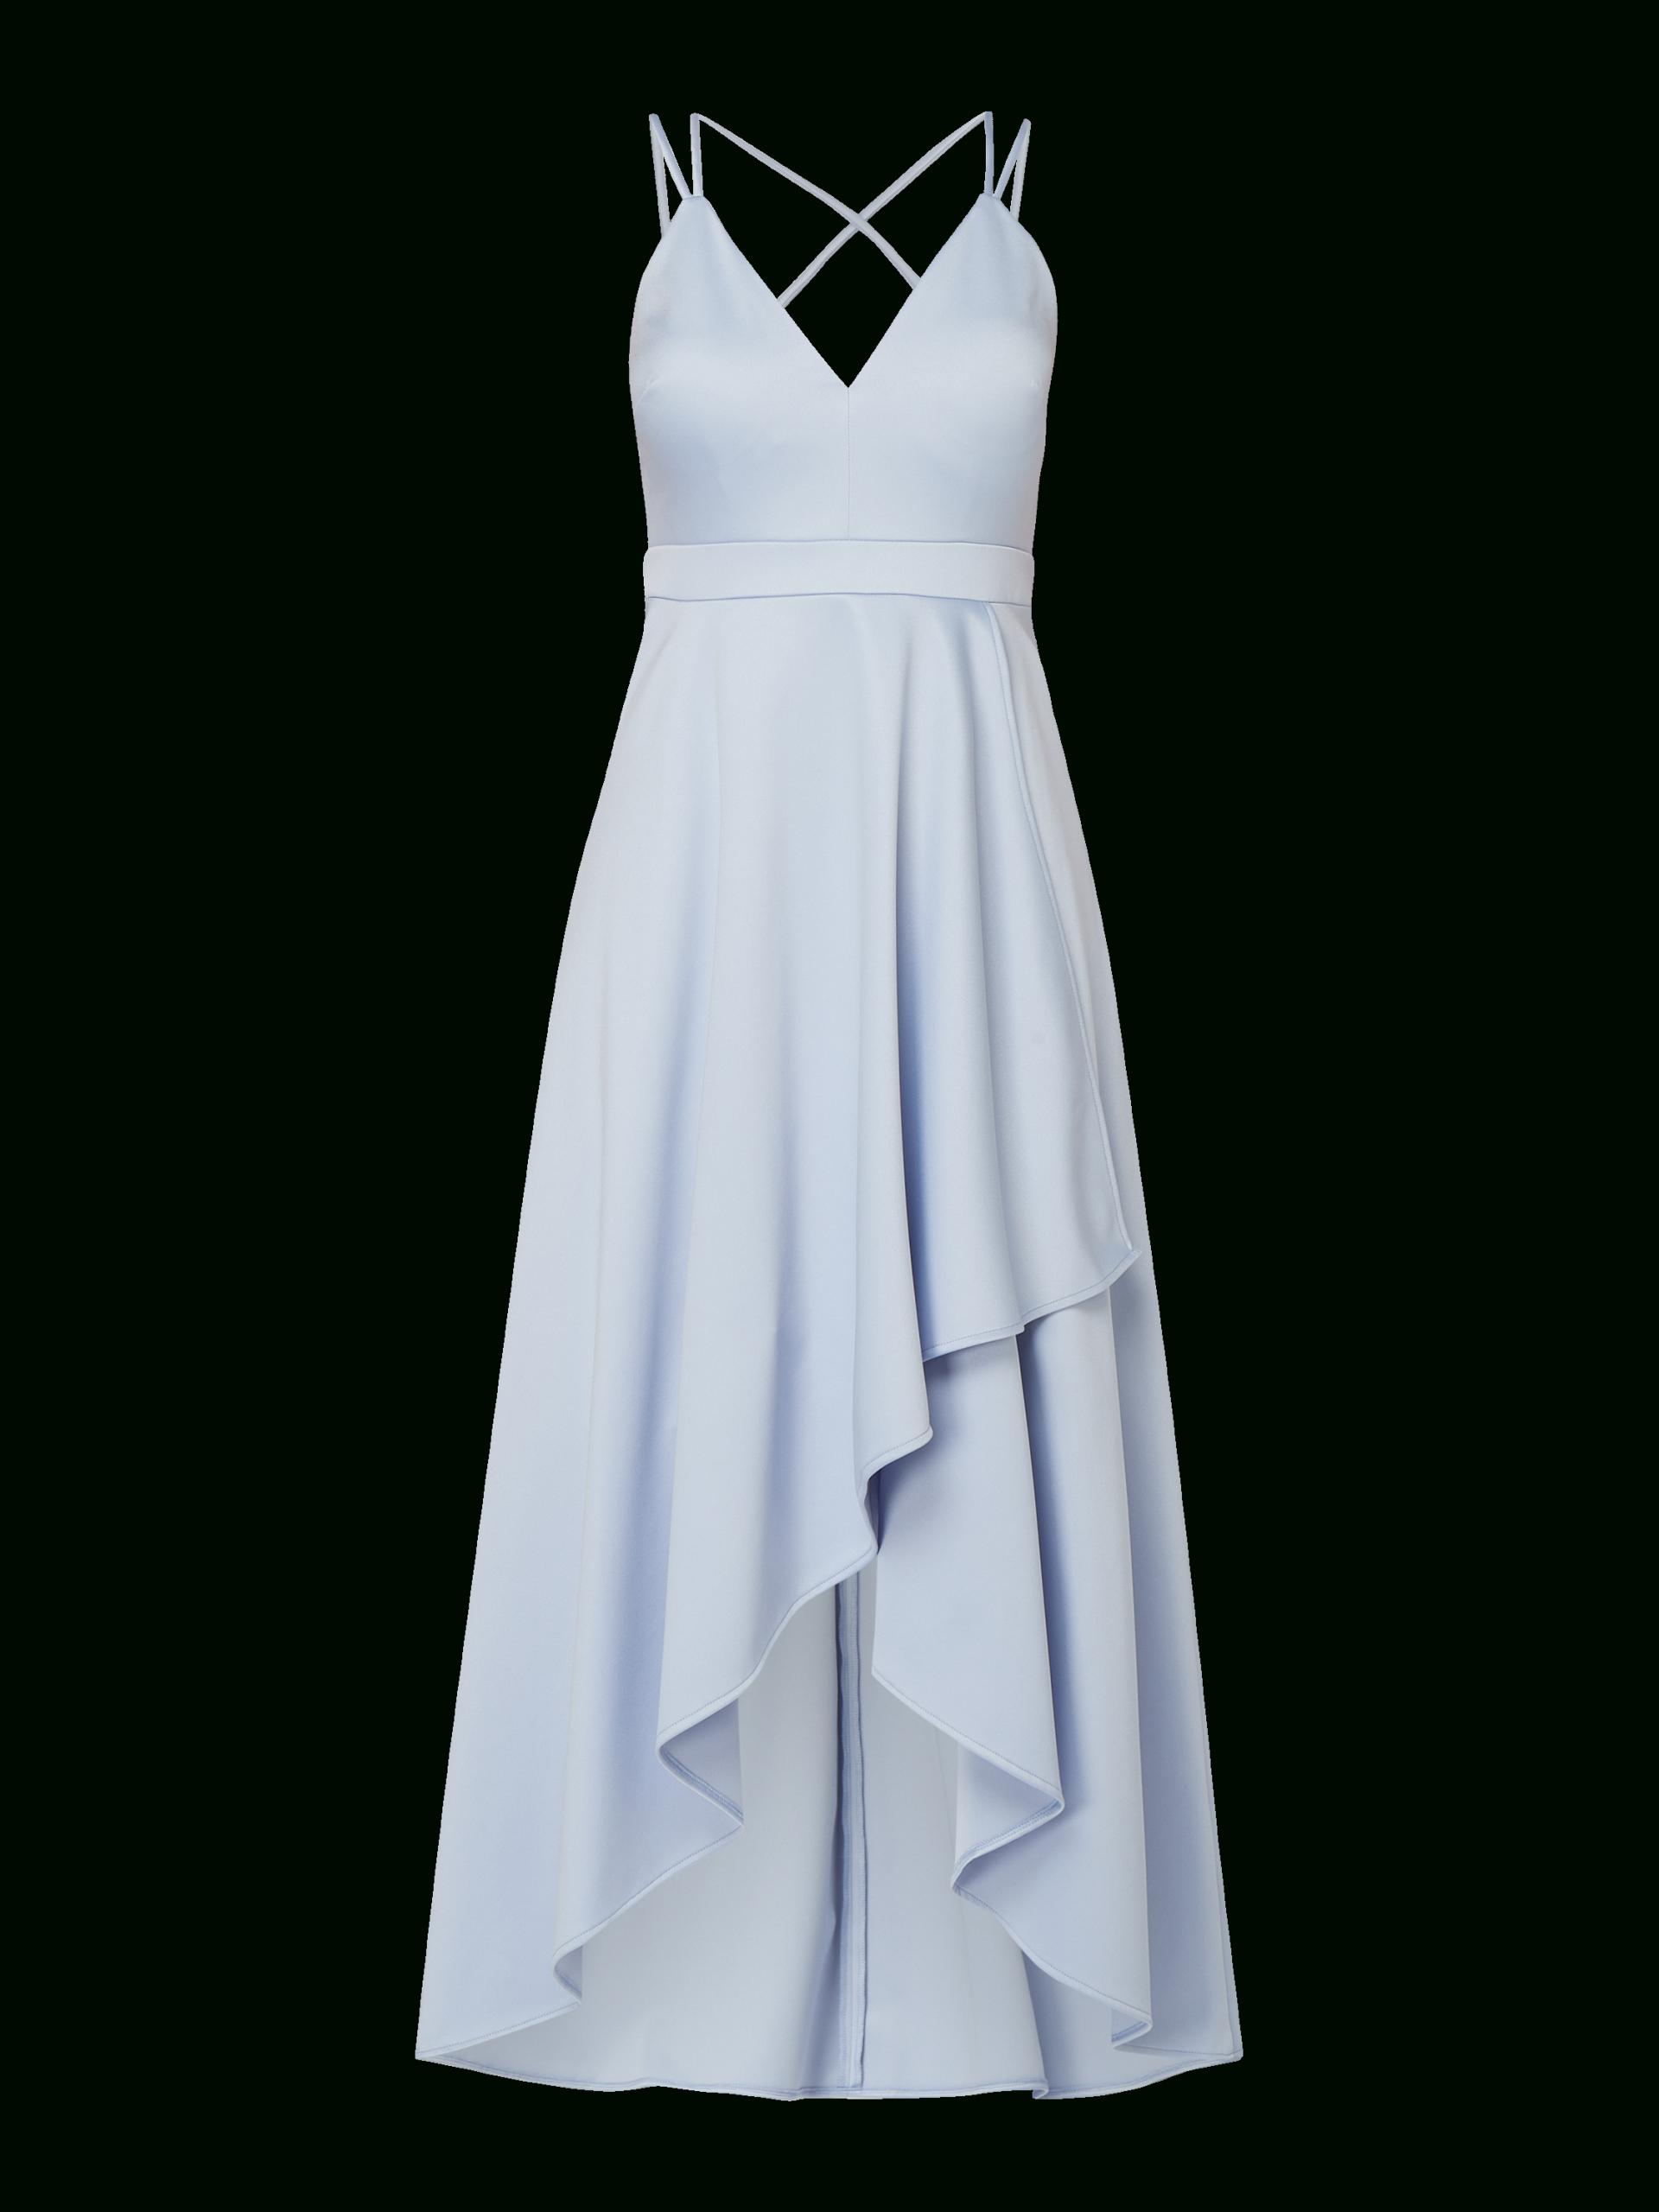 Formal Luxurius Jakes Abendkleid Blau Vertrieb13 Schön Jakes Abendkleid Blau Galerie